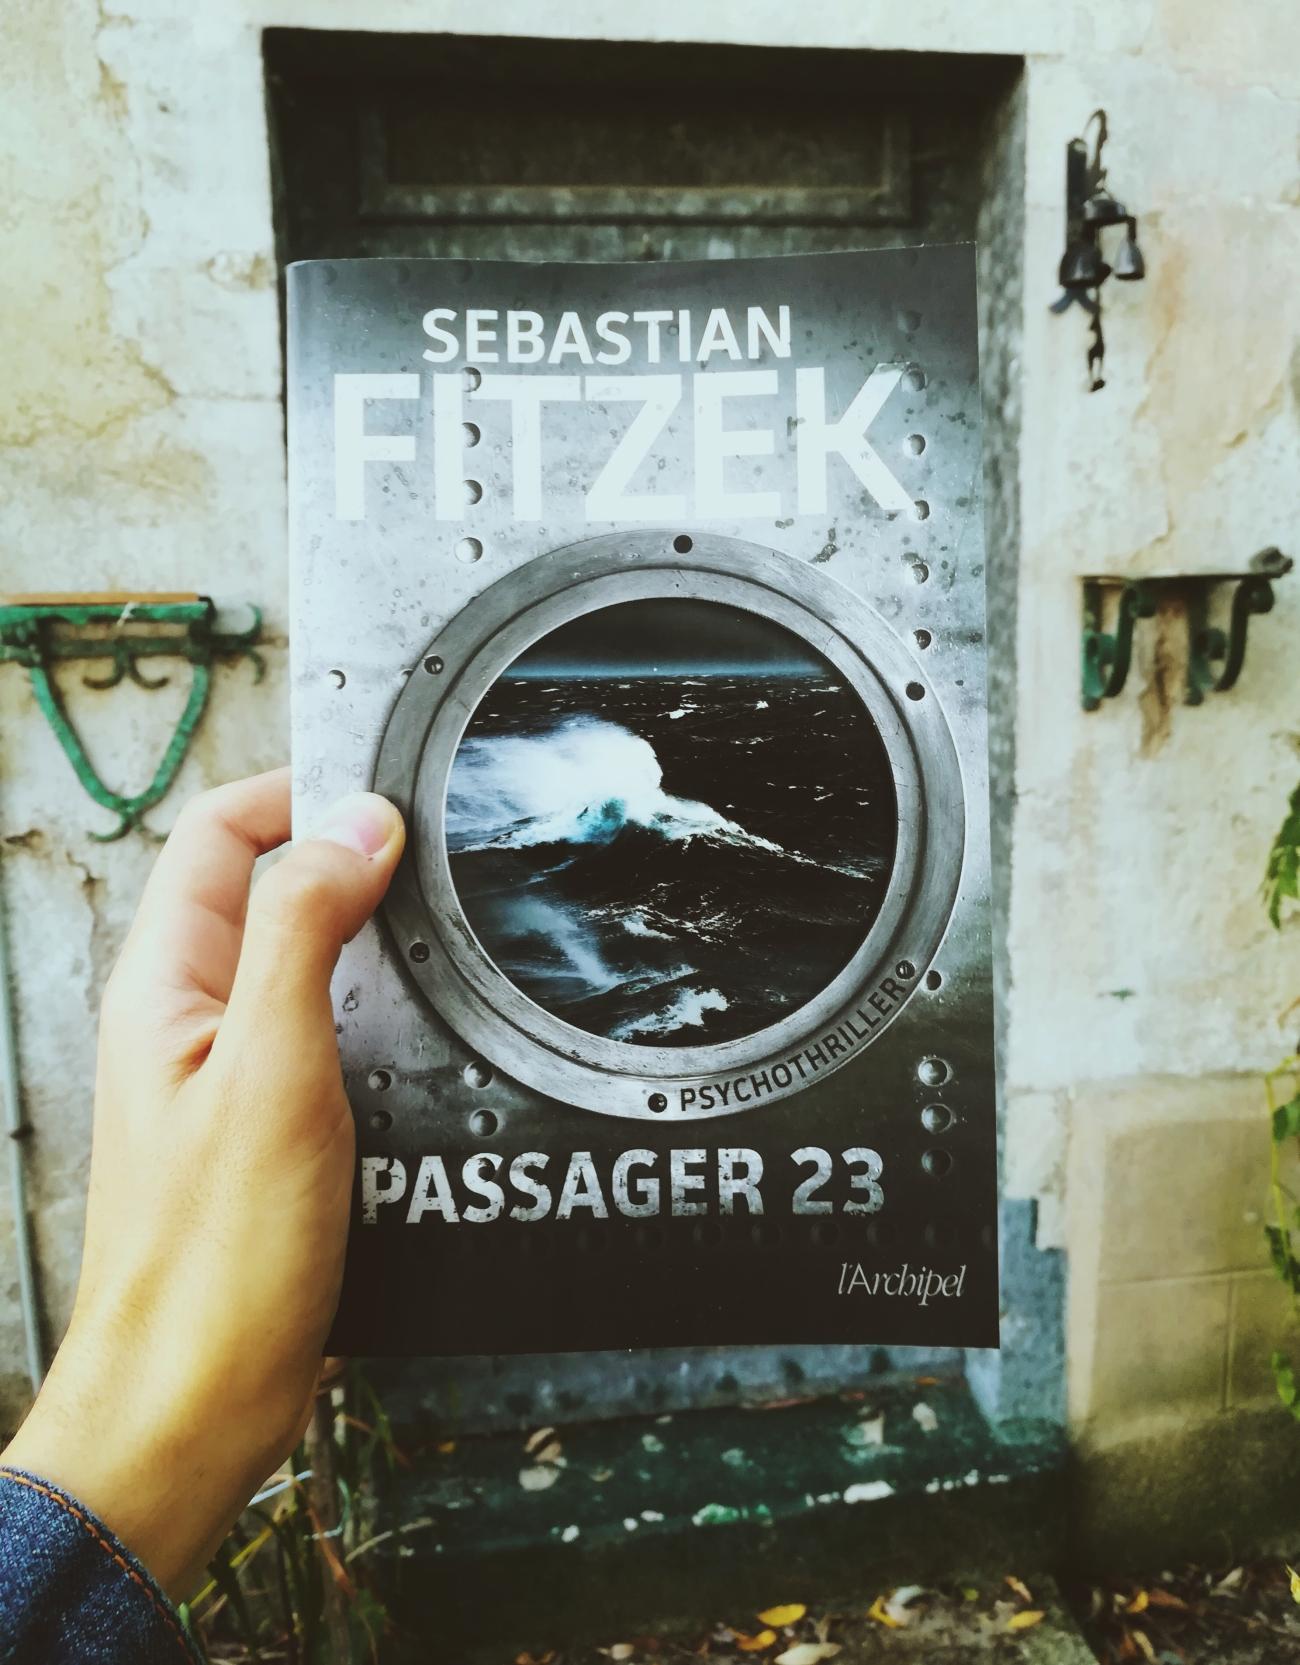 avis-tomabooks-passager-23-sebastian-fitzek